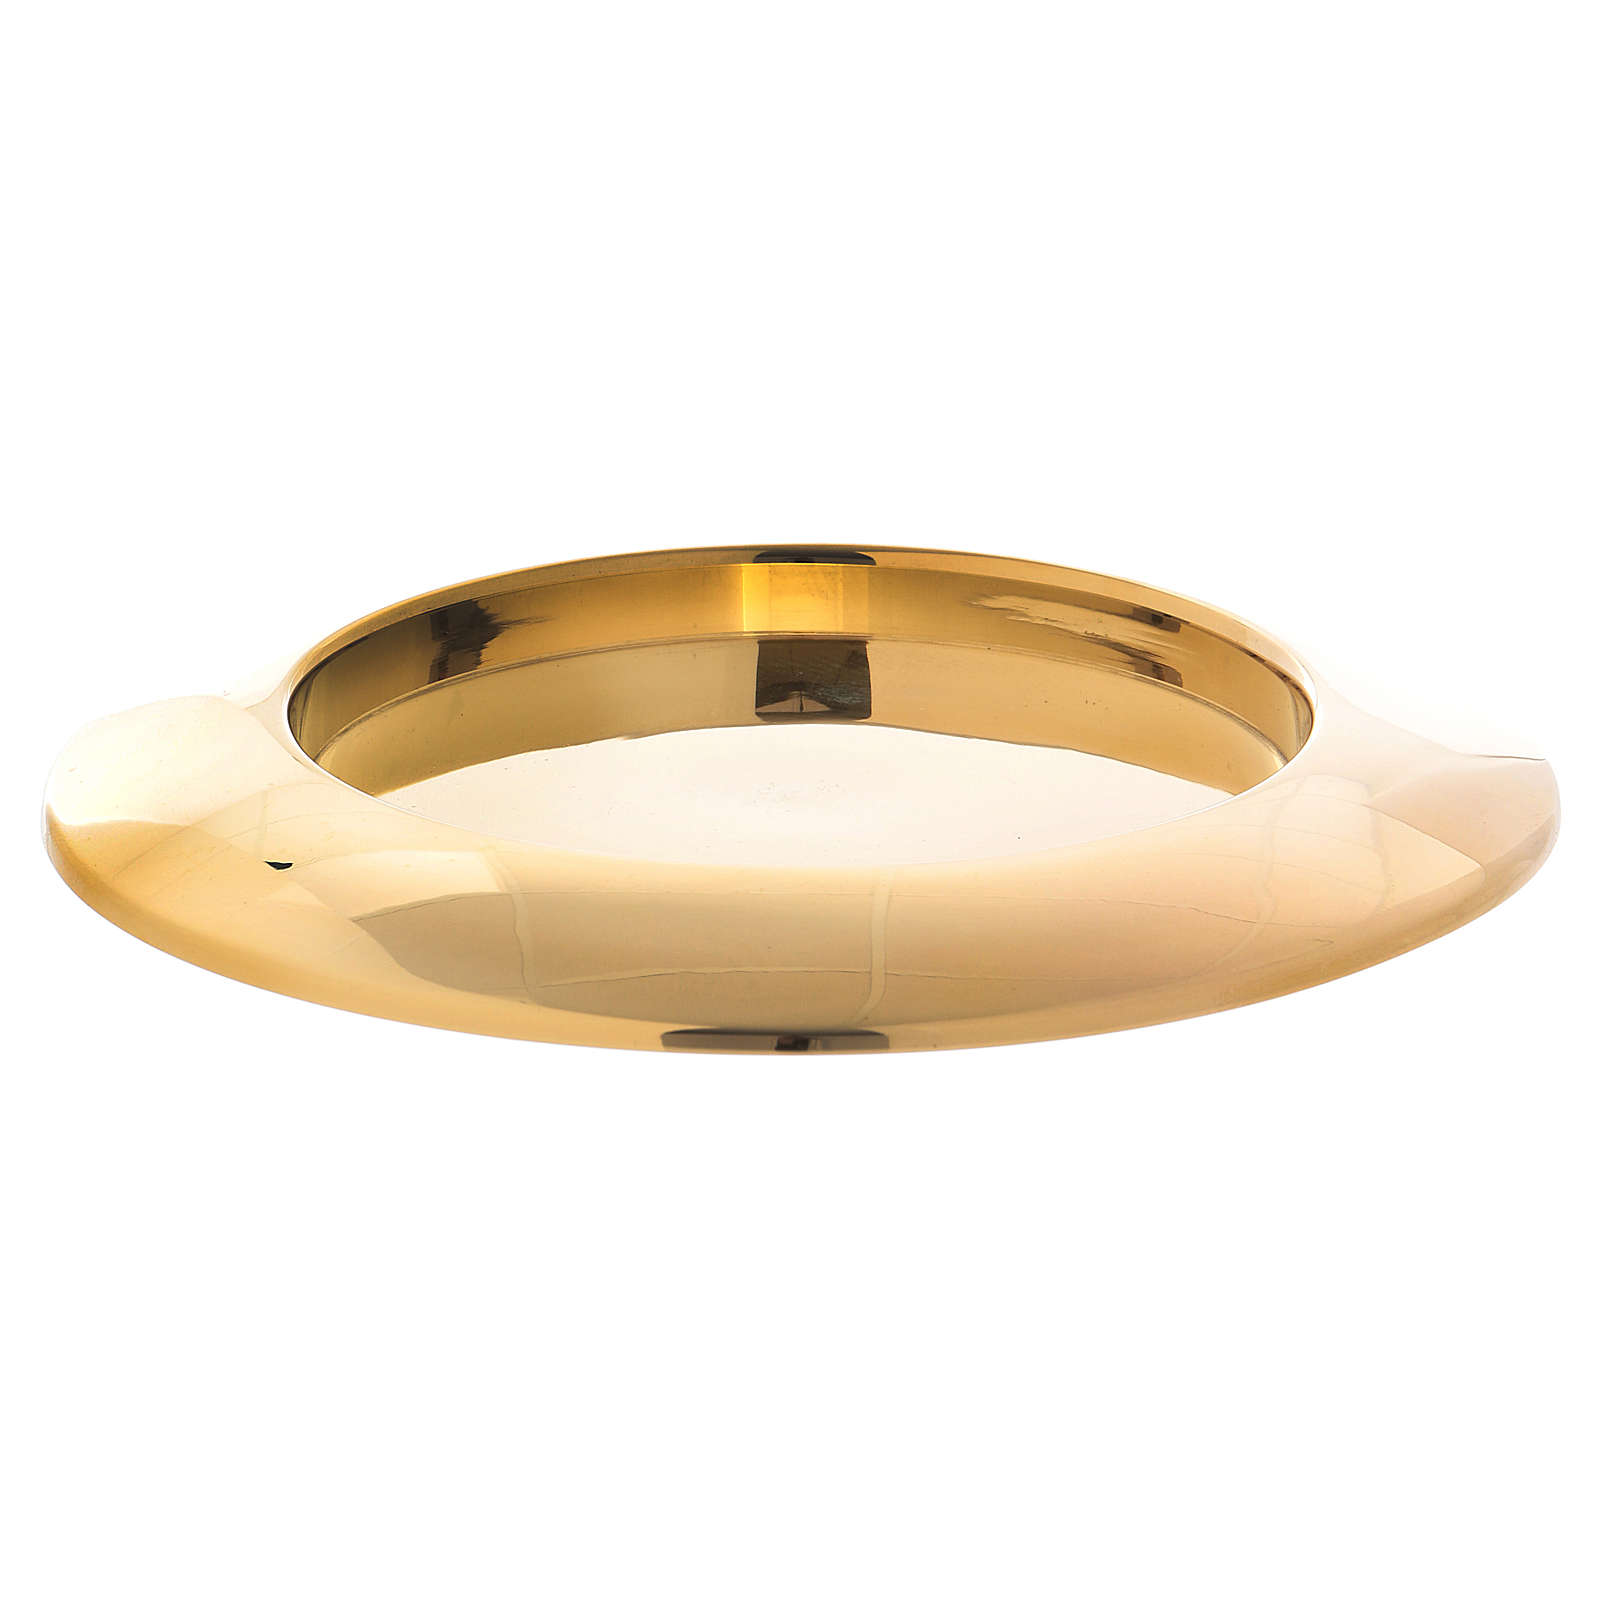 Piattino portacandela bordo rialzato ottone dorato  3